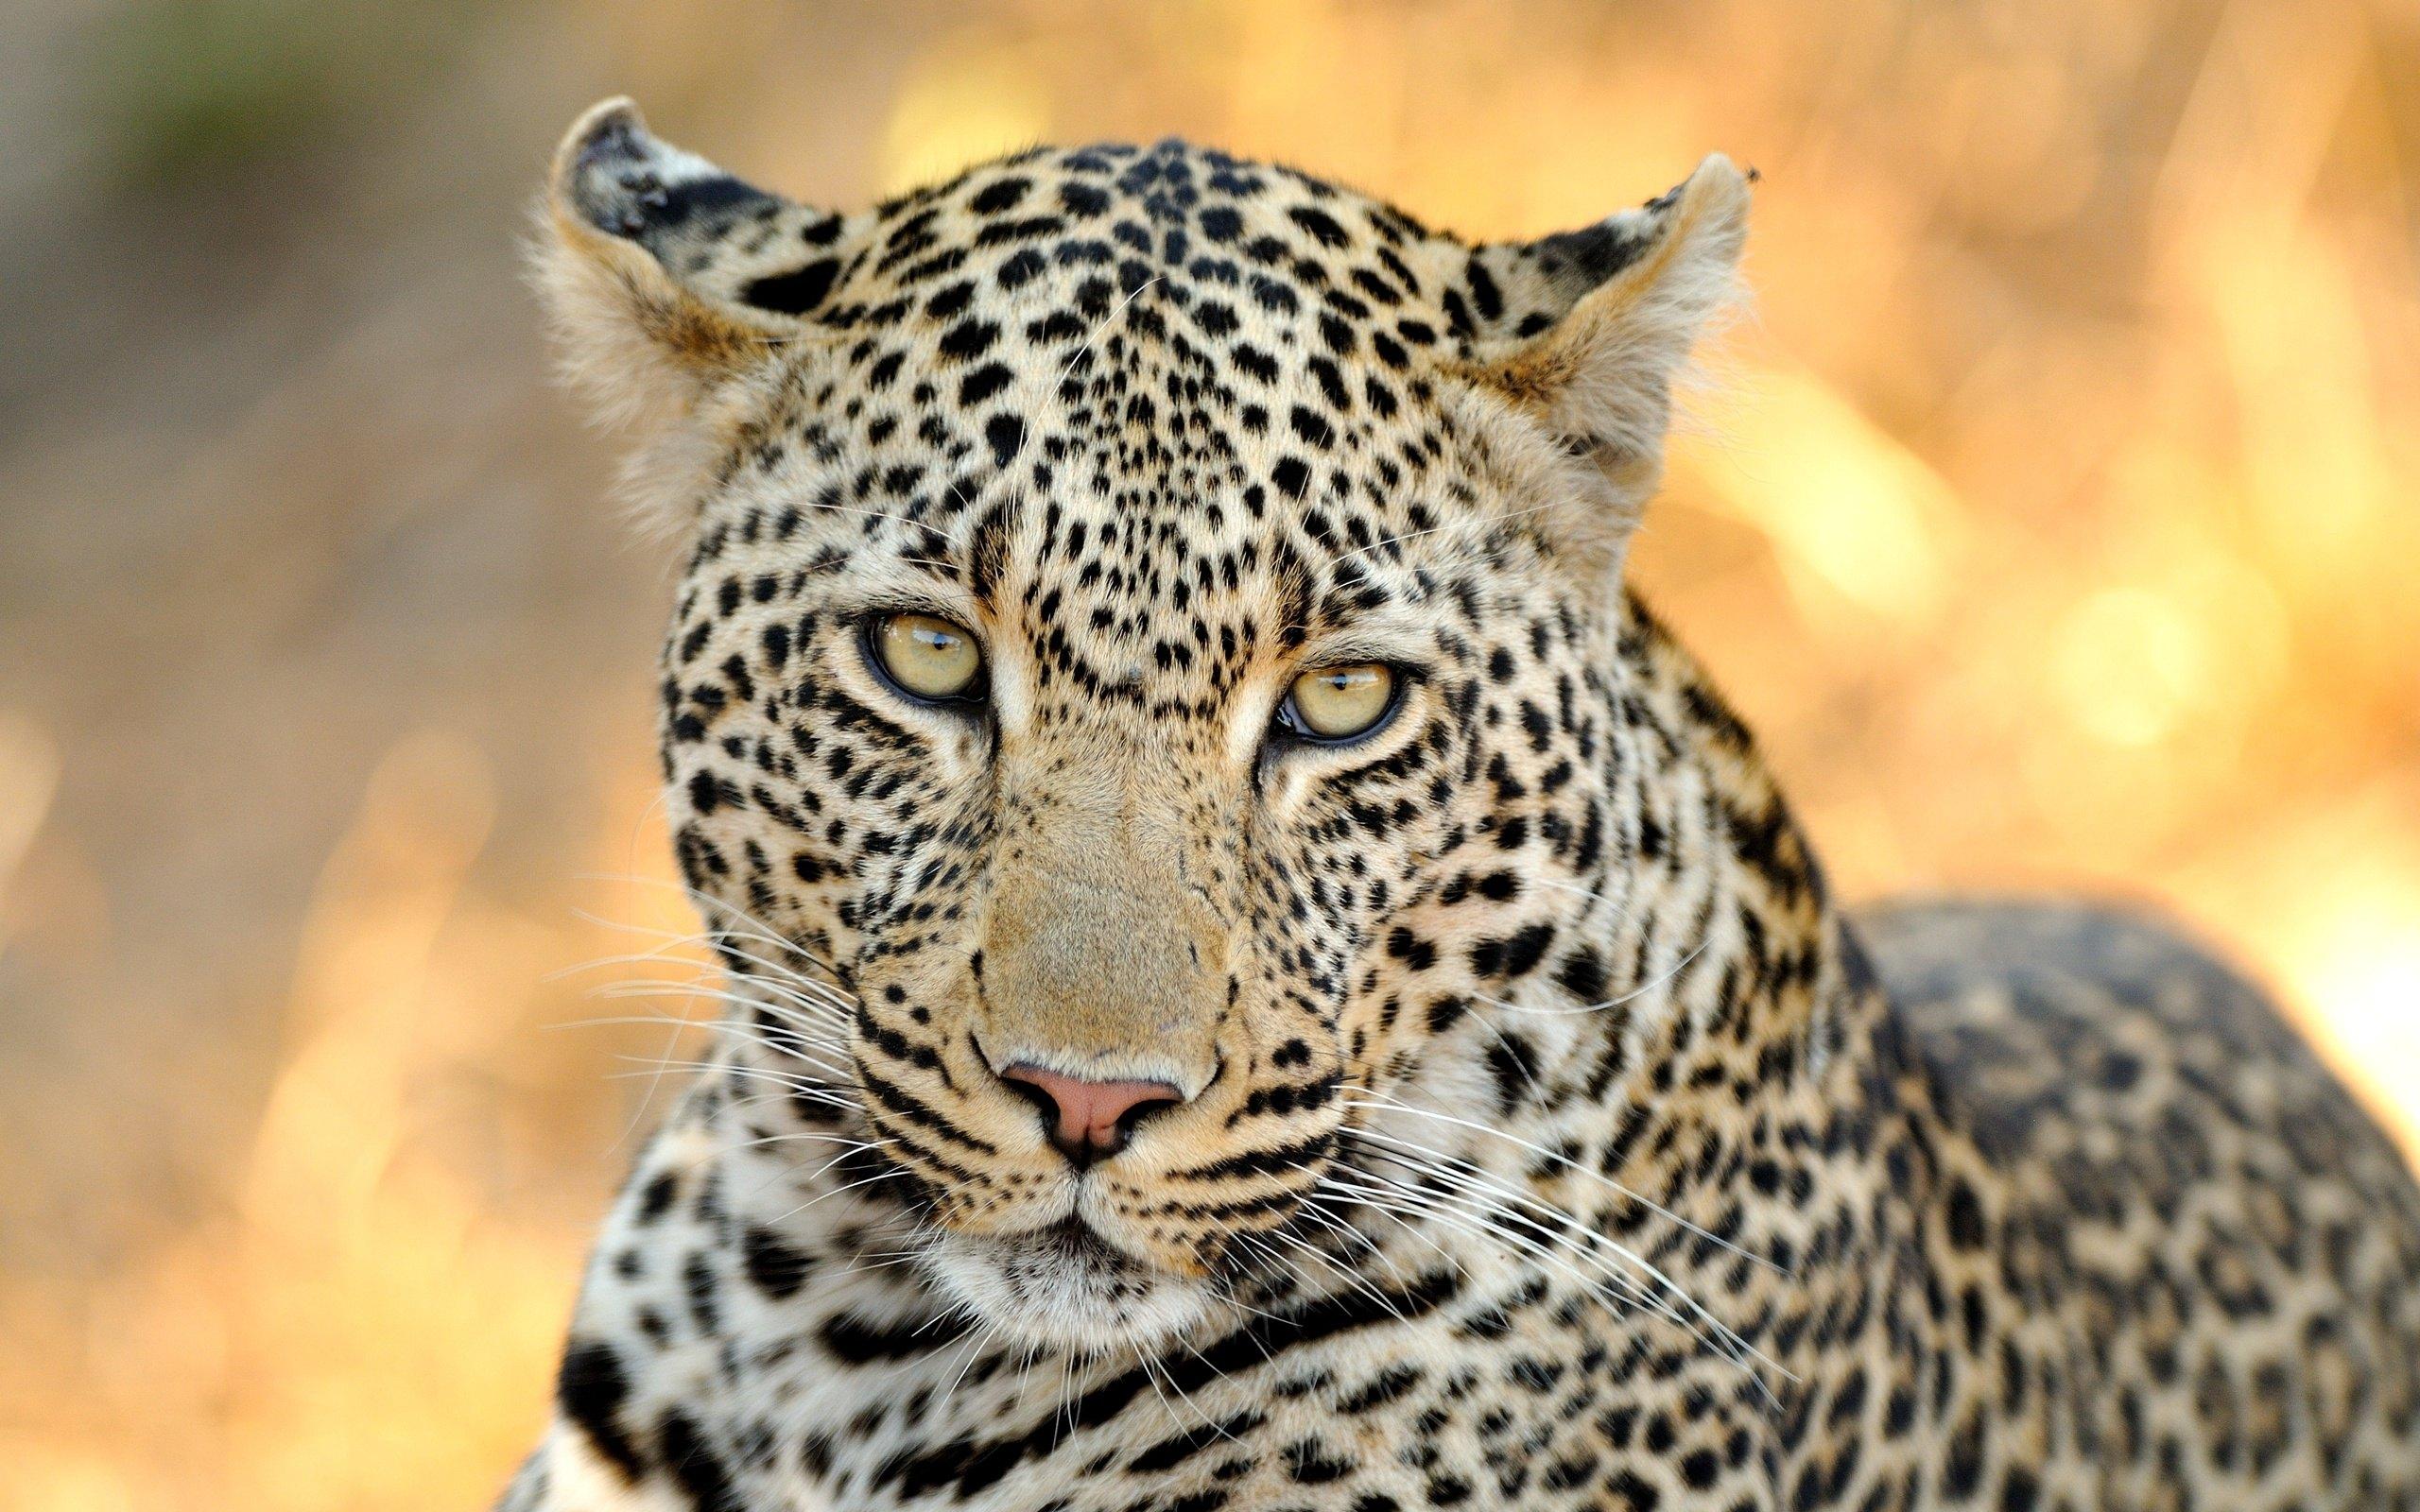 лучшее фото леопарда